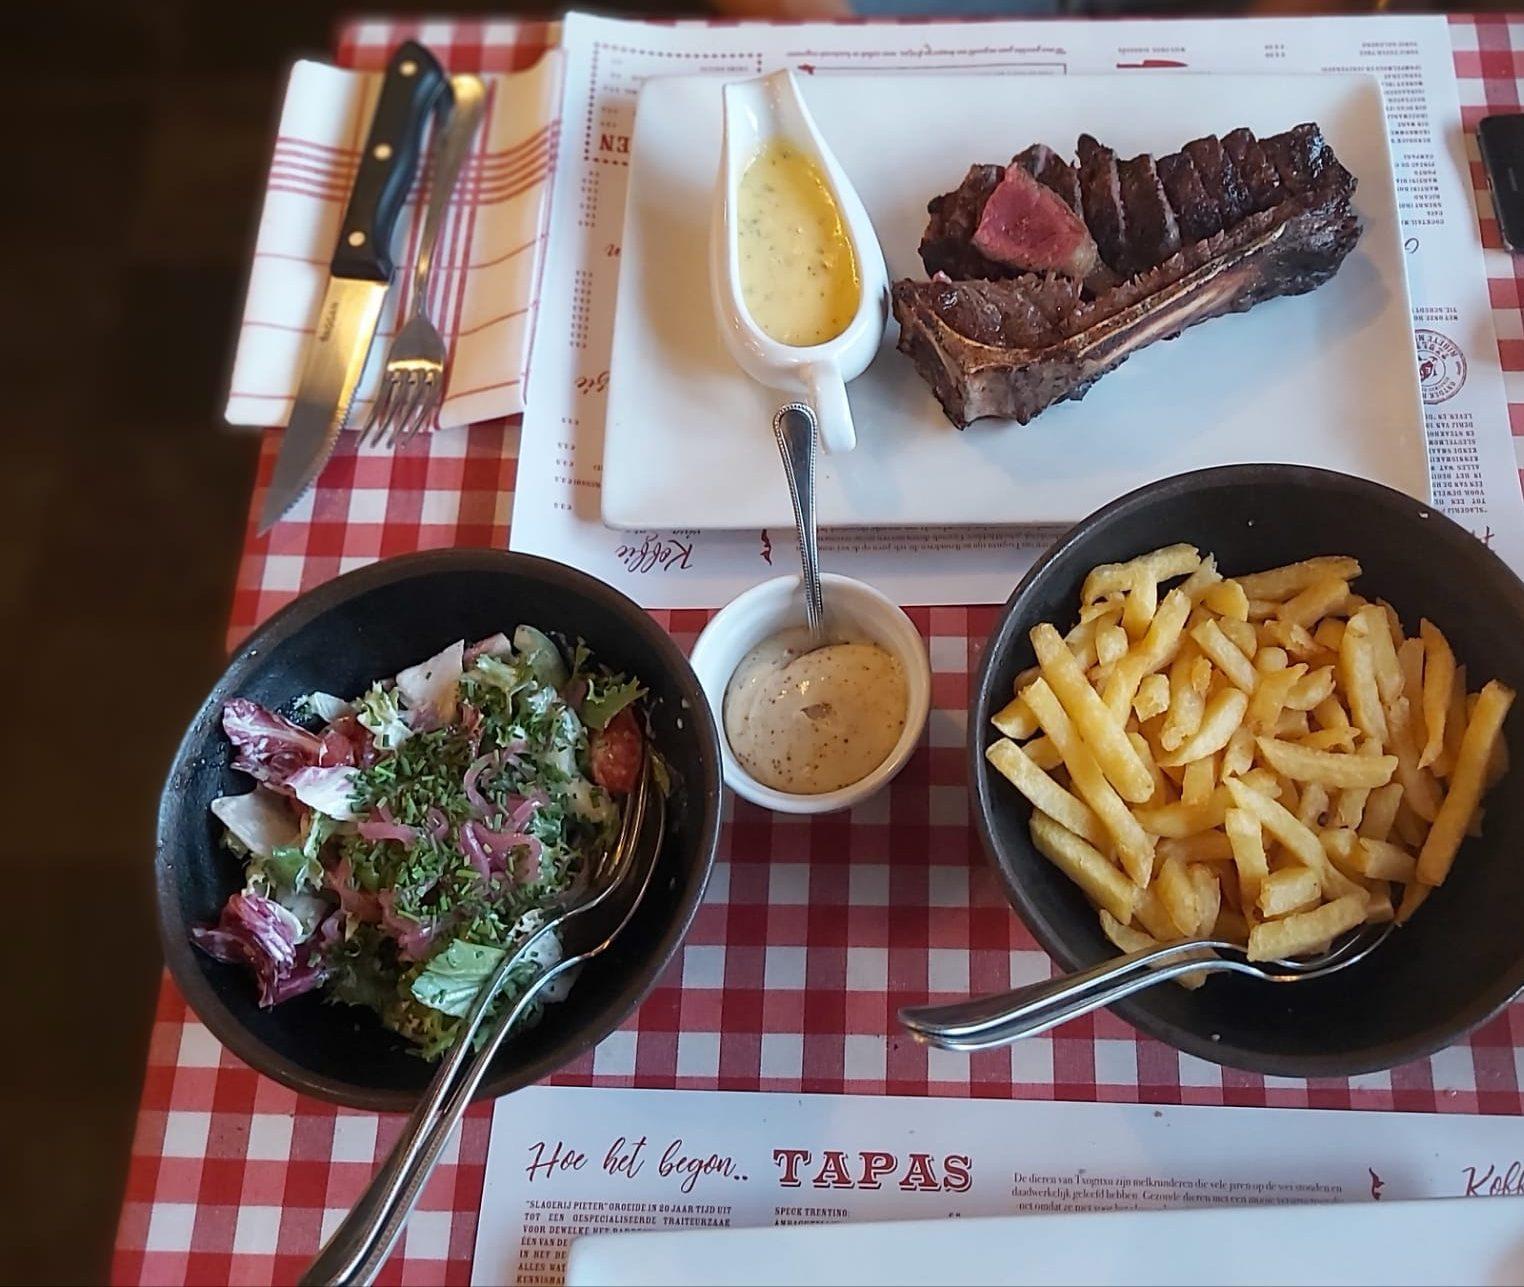 de boesjerie de beste steak van belgie